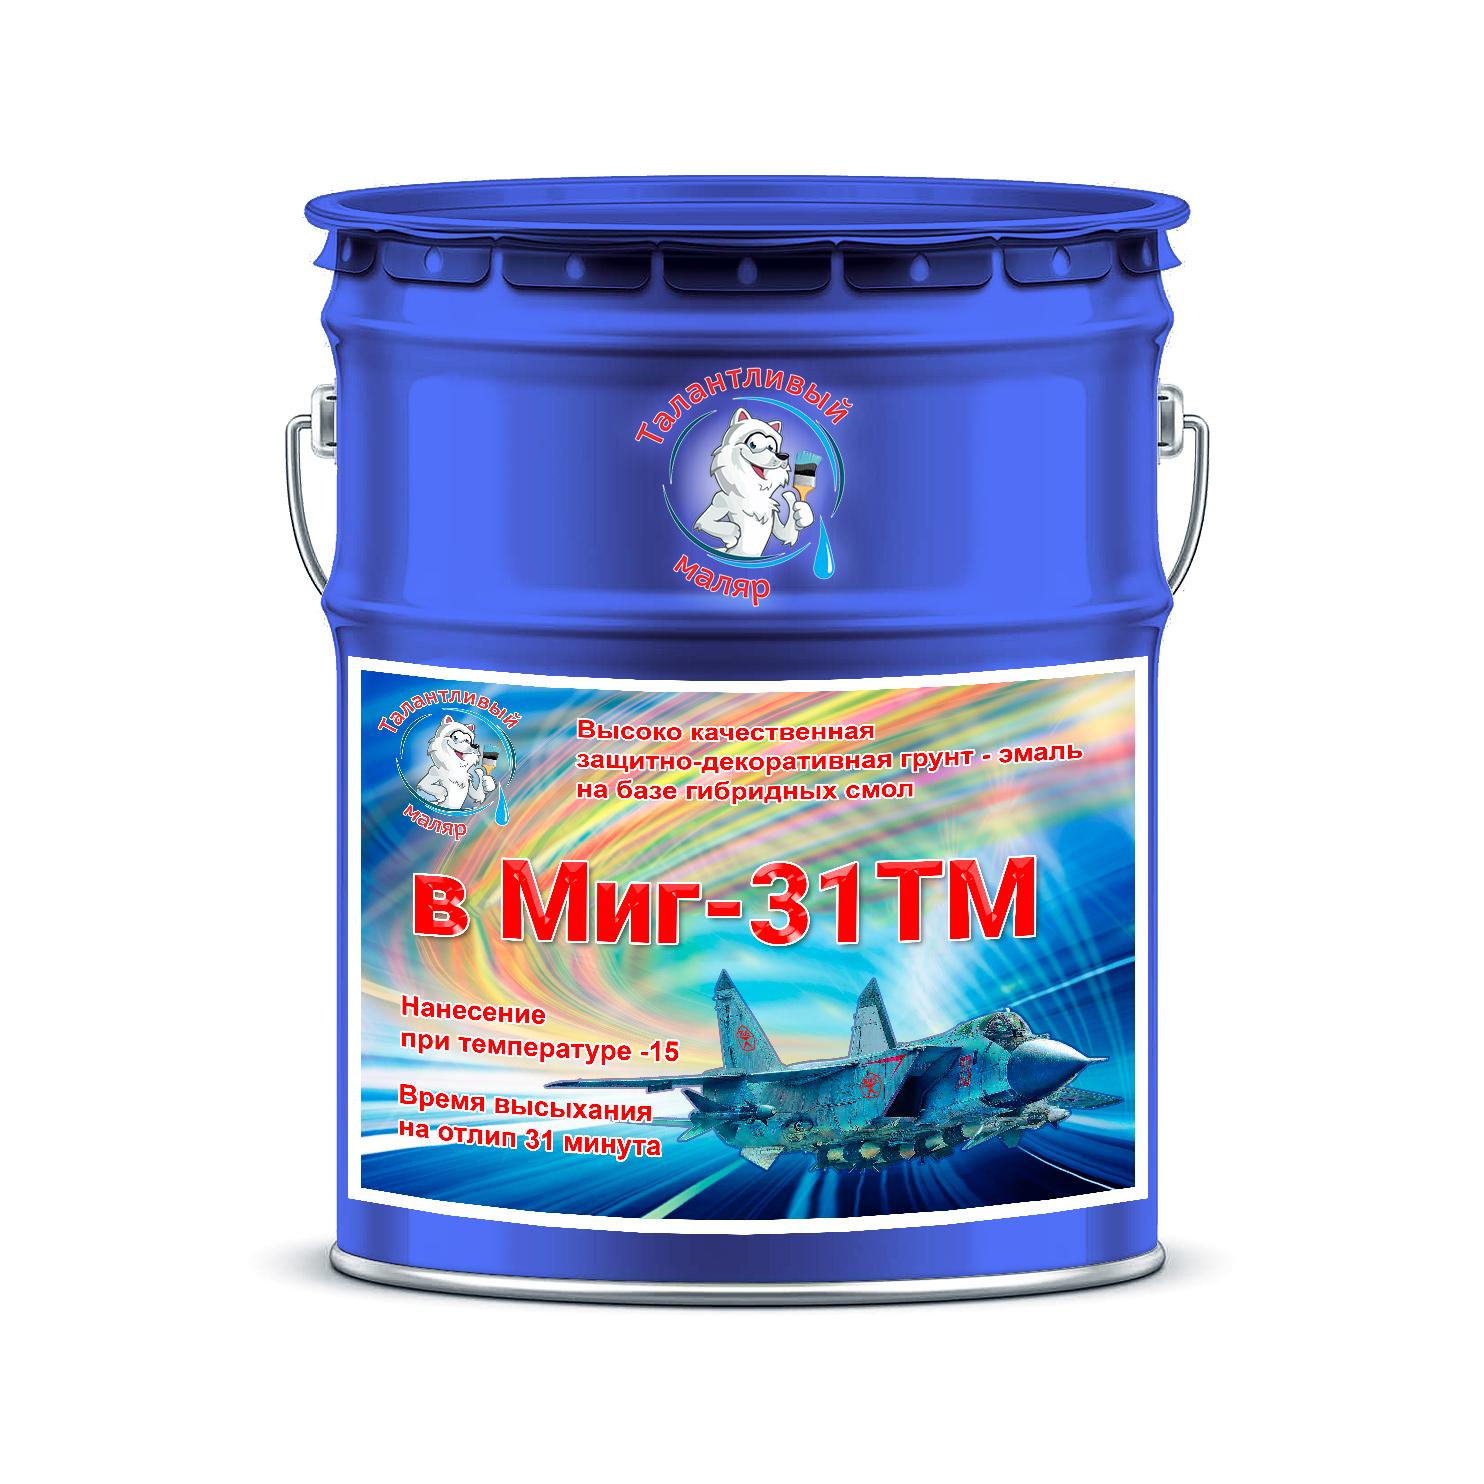 """Фото 15 - Грунт-Эмаль Премиум  """"ВМИГ - 31 ТМ"""" цвет RAL 5005 Сигнальный синий, полуглянцевая, быстросохнущая, морозостойкая, на базе гибридных смол, по ржавчине 3 в 1, 20 кг """"Талантливый Маляр""""."""